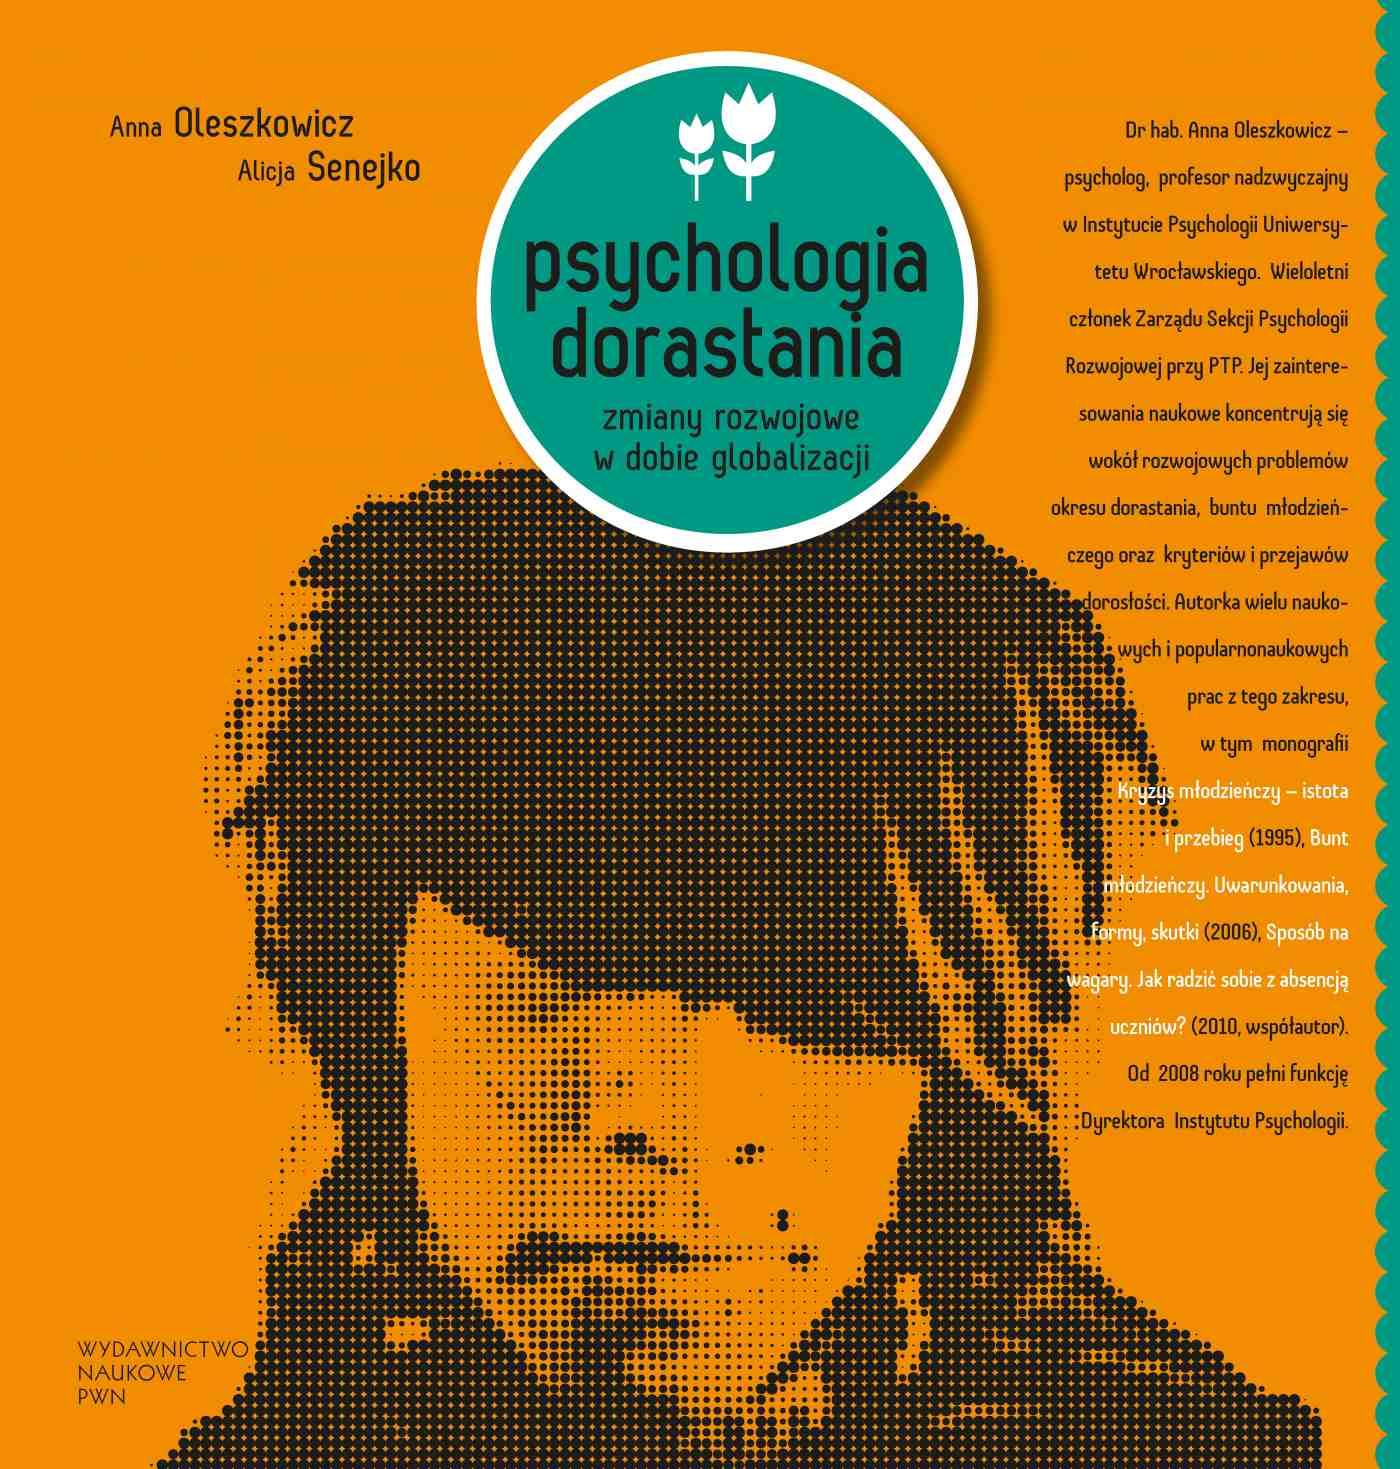 Psychologia dorastania. Zmiany rozwojowe w dobie globalizacji - Ebook (Książka EPUB) do pobrania w formacie EPUB